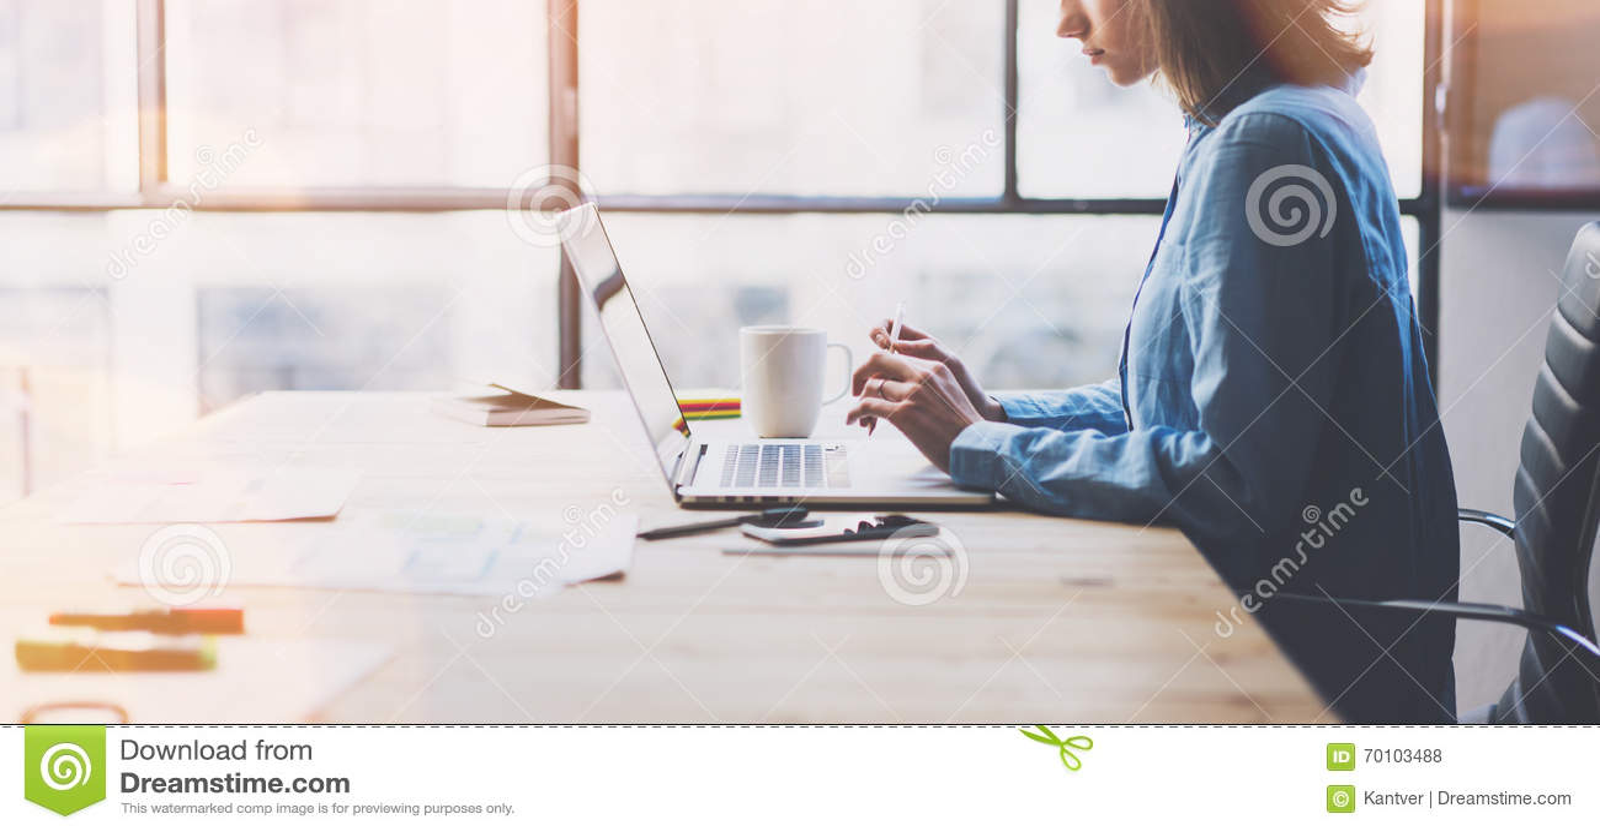 Oficina moderna de proceso de trabajo Tabla de madera de trabajo del encargado de las finanzas de los jóvenes con nueva puesta en